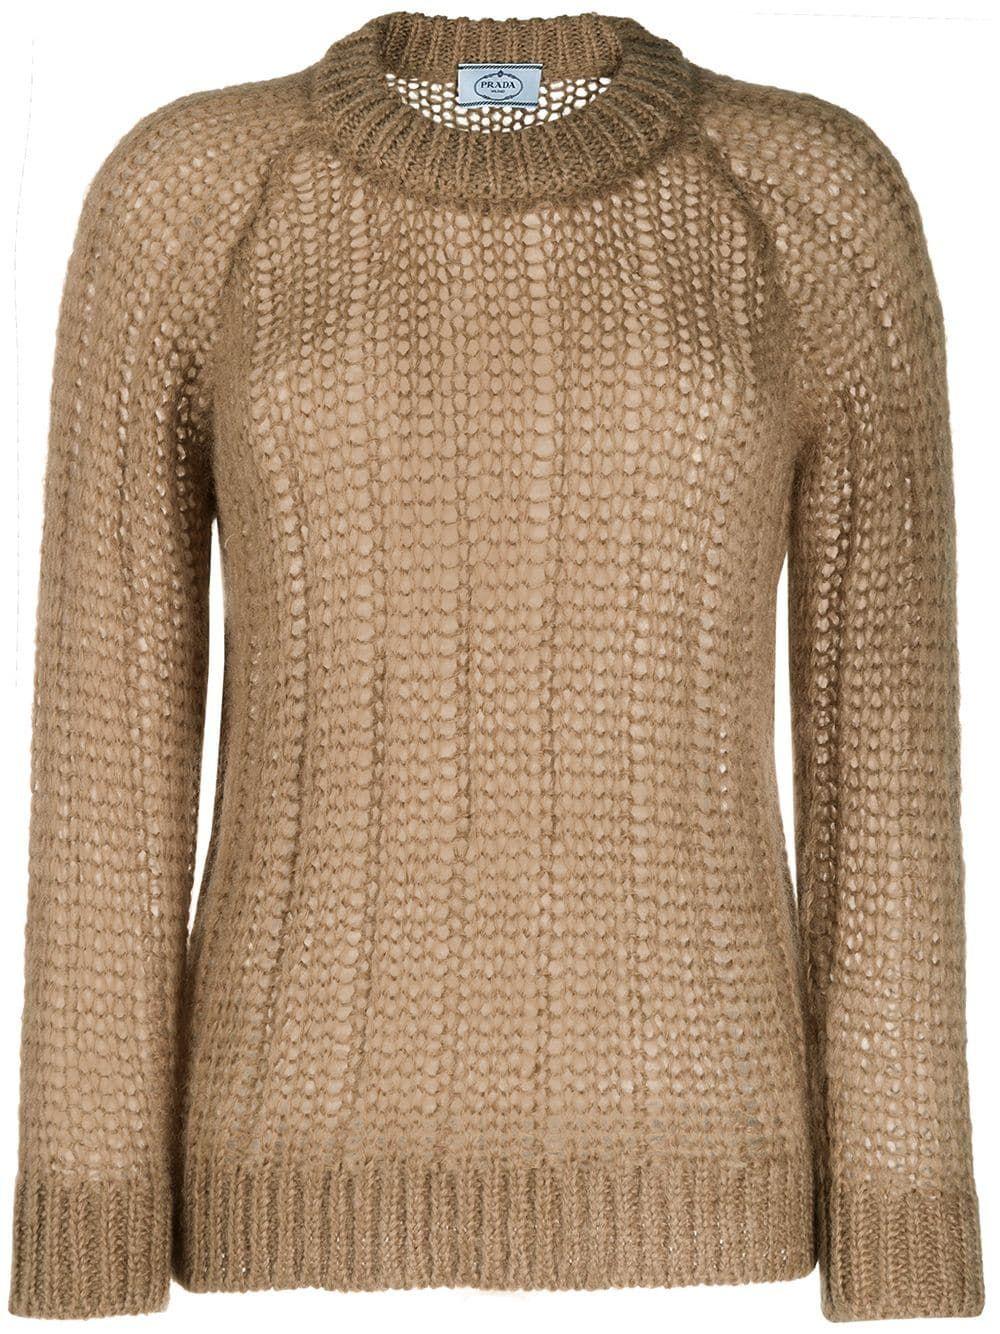 Prada chunky knit jumper - NEUTRALS #chunkyknitjumper